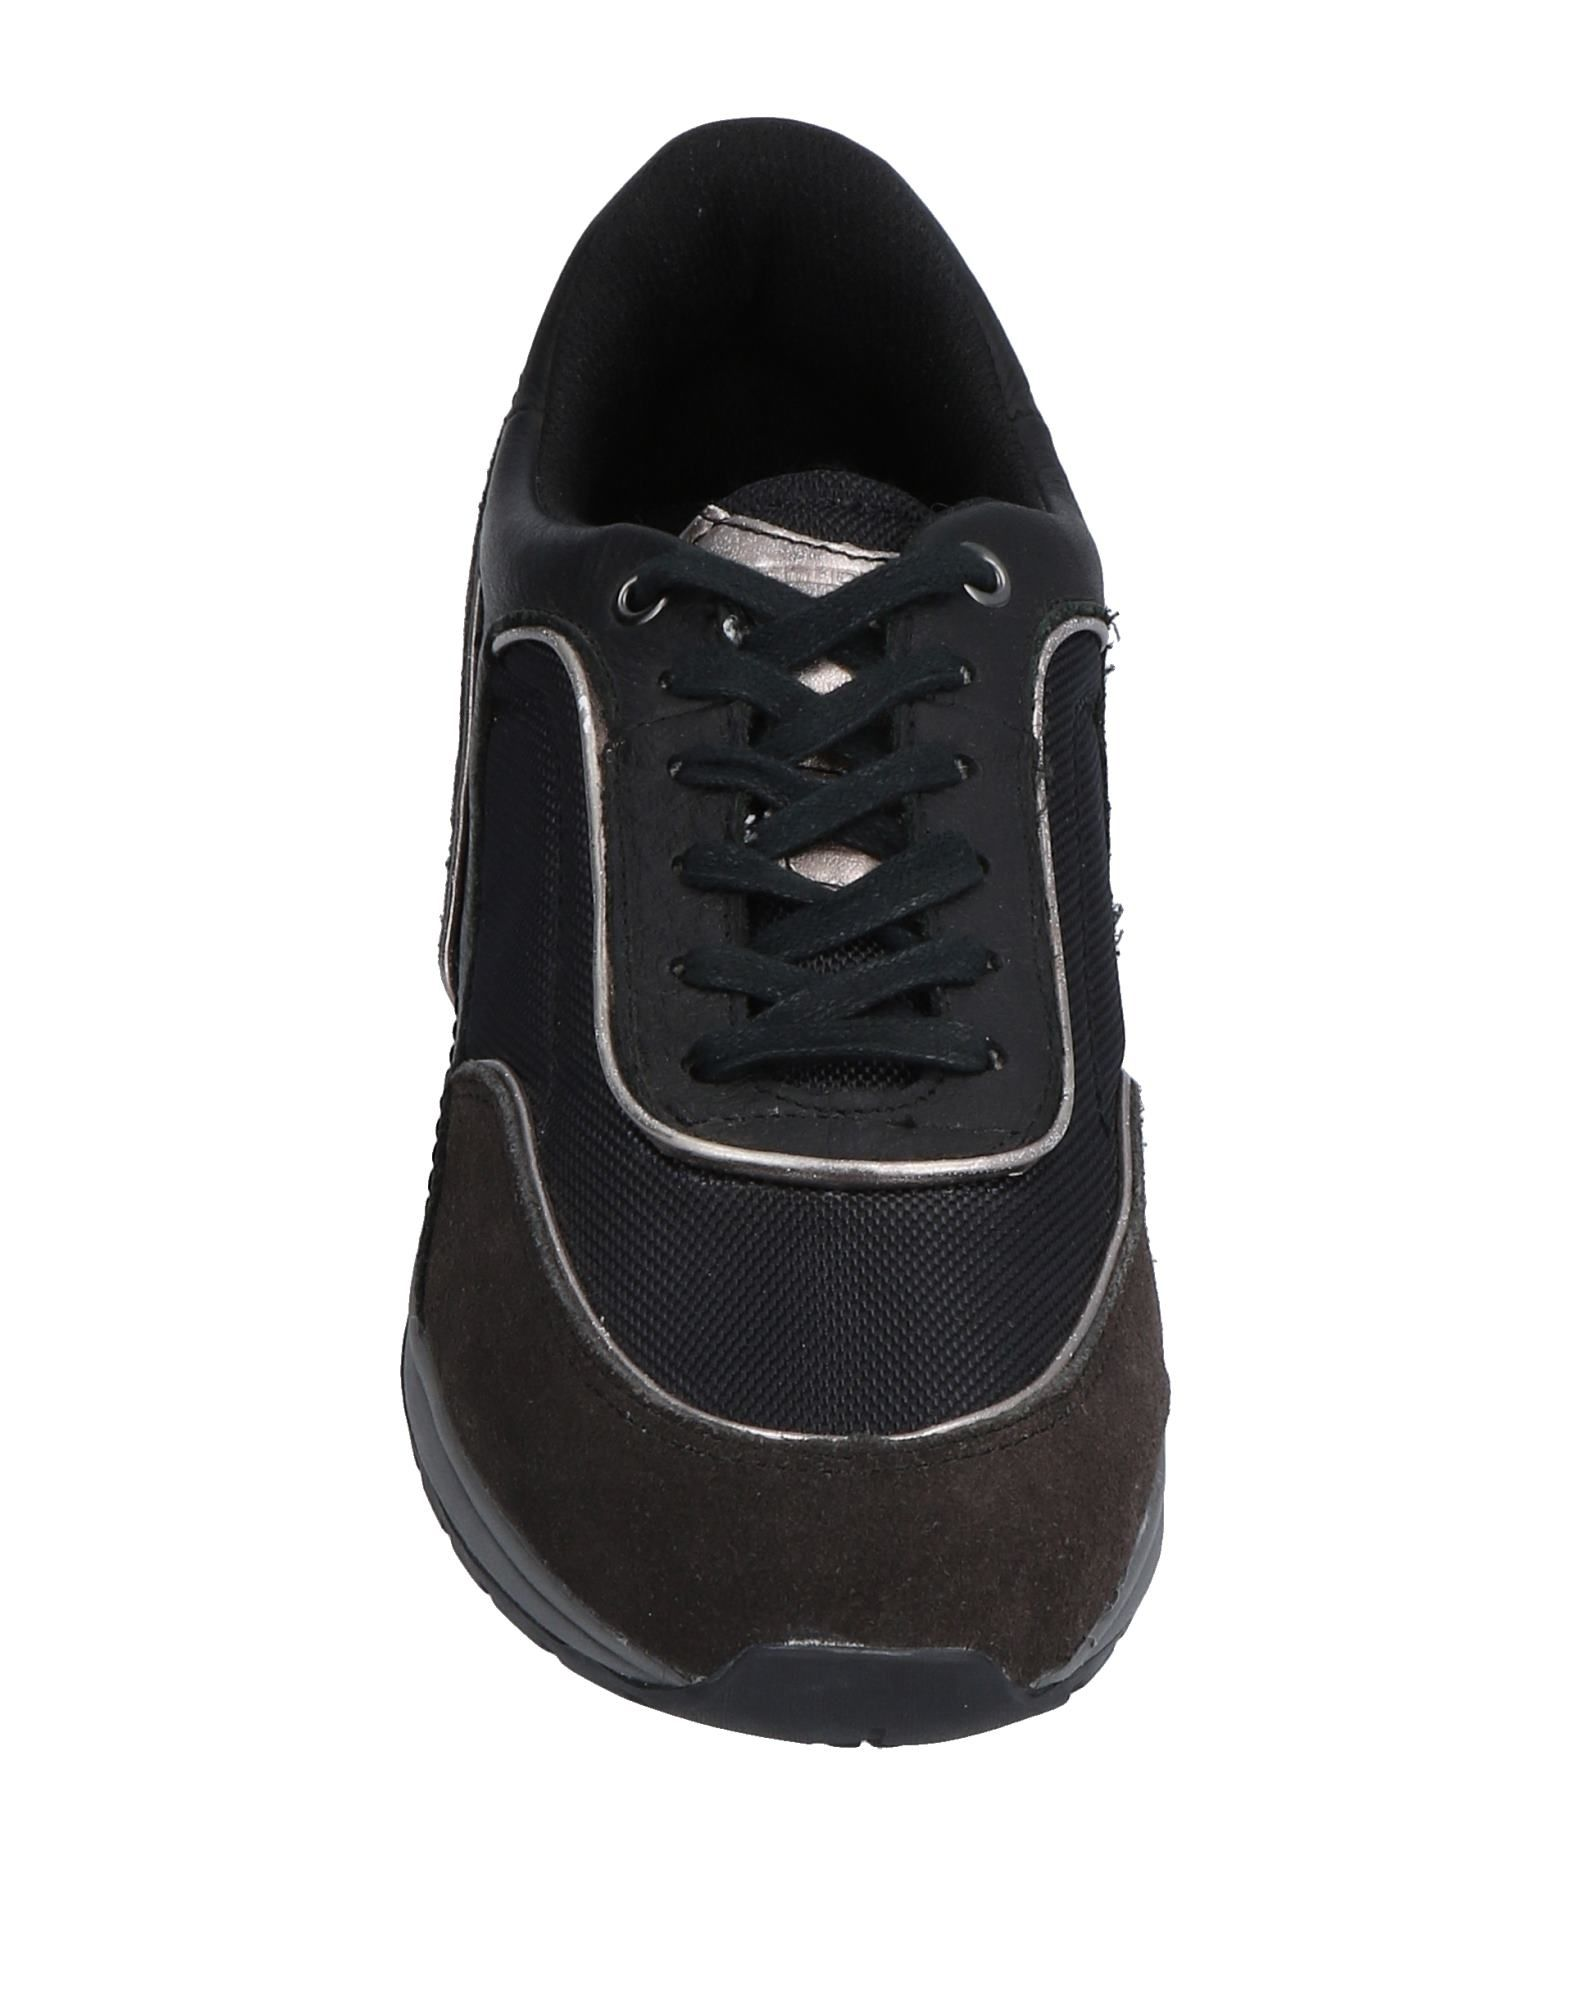 Rabatt echte Schuhe Momo Design Sneakers Herren  11519885VT